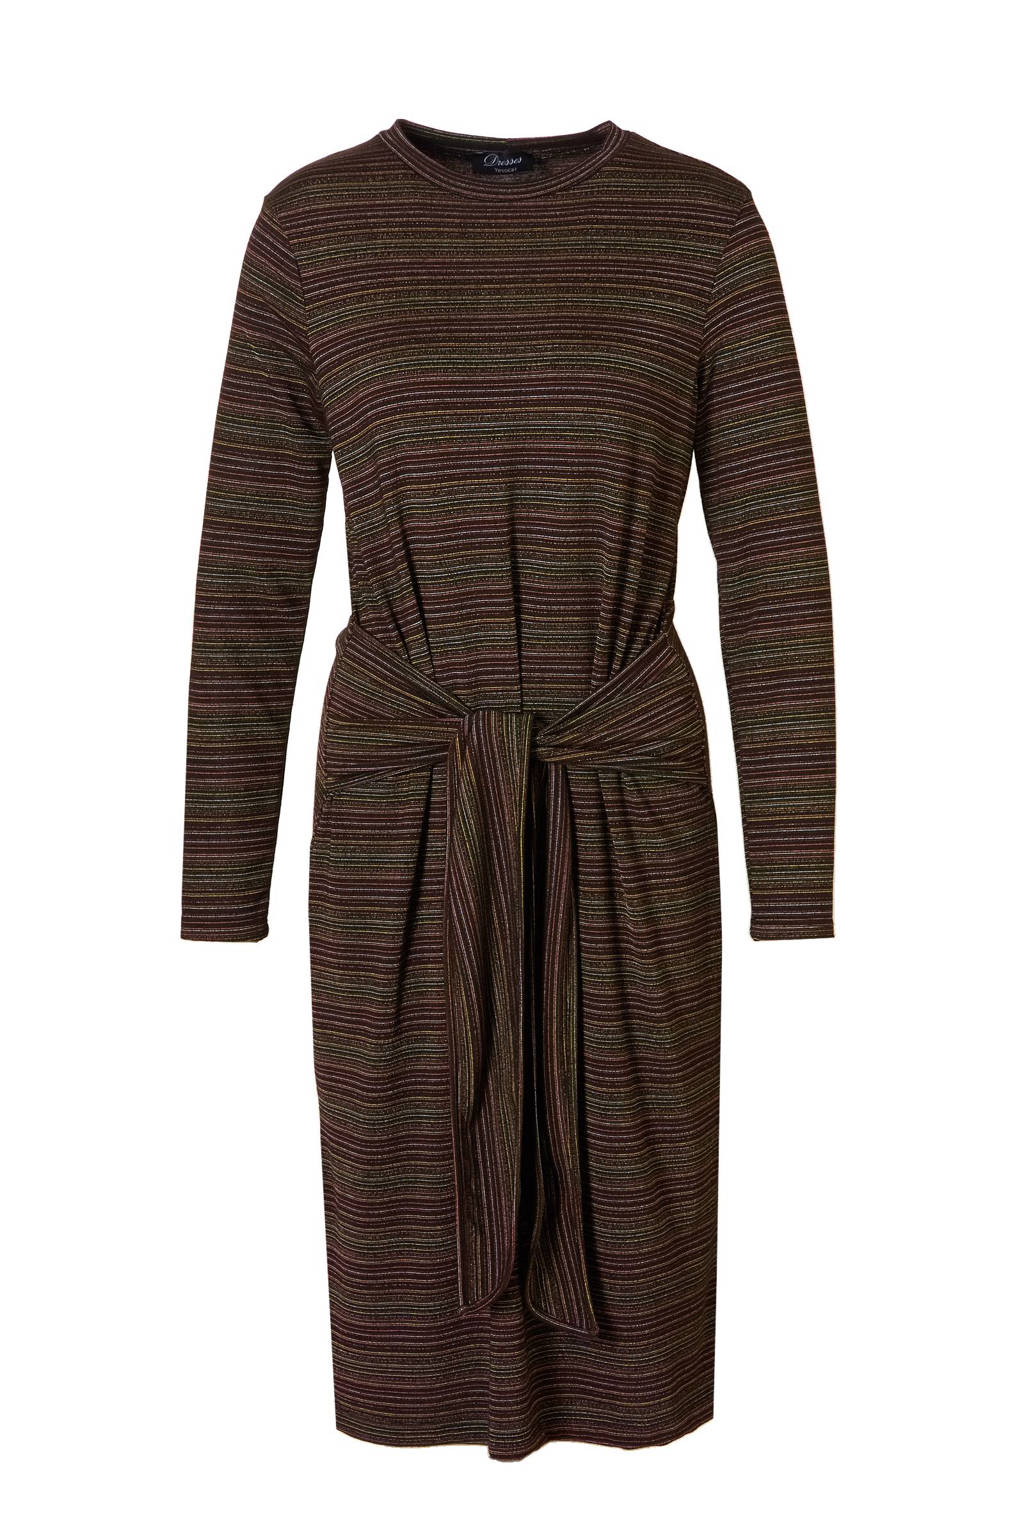 C&A Yessica jurk, Zwart